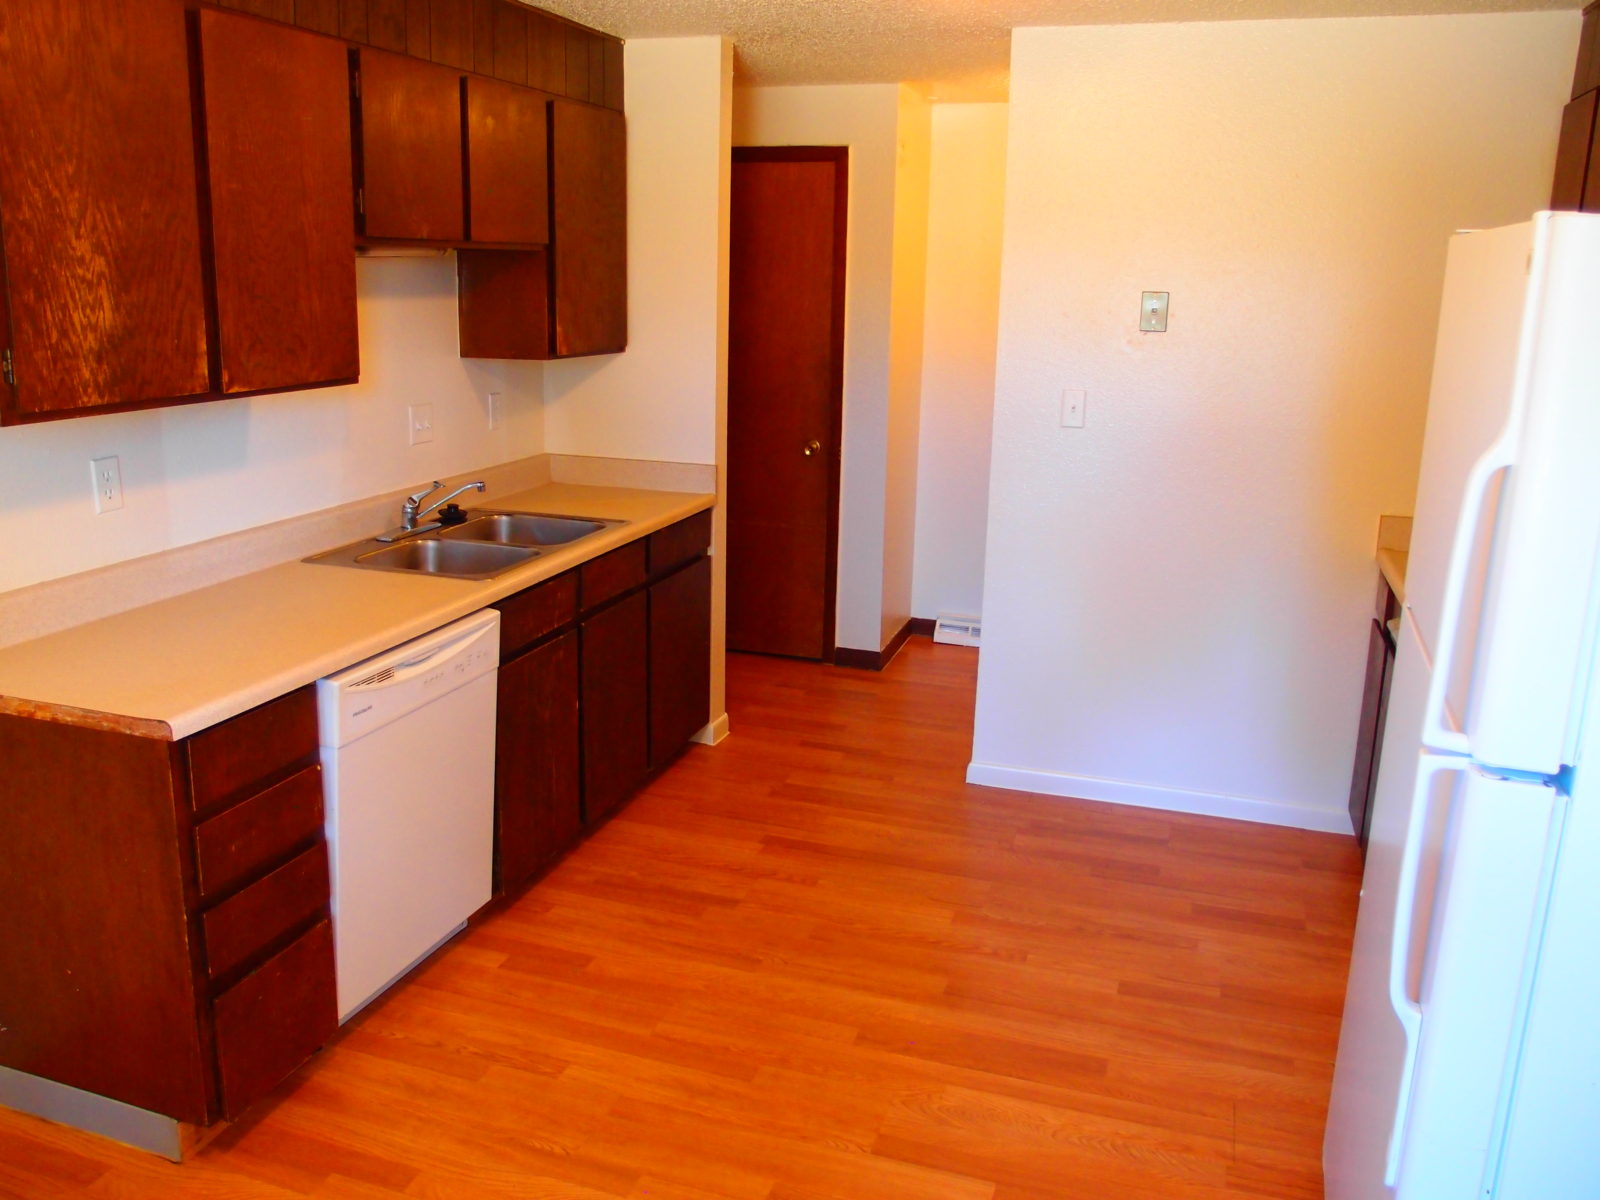 2166 Dexter: Kitchen has Dishwasher